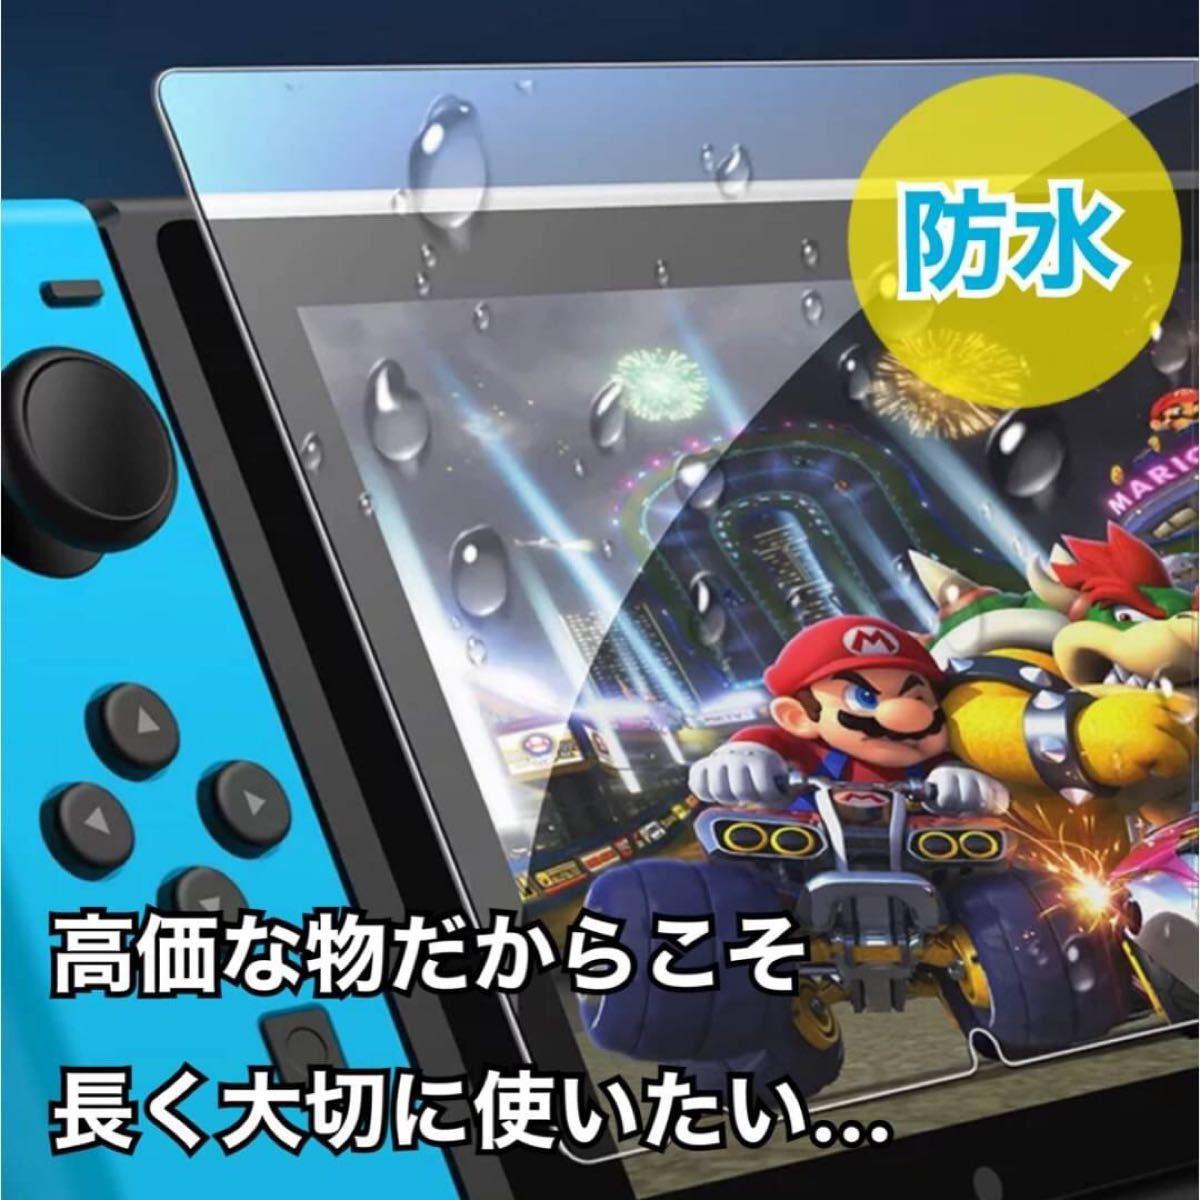 大人気☆ 任天堂スイッチ Switch 保護フィルム ガラスフィルム ブルーライトカット 新品 未使用 送料無料